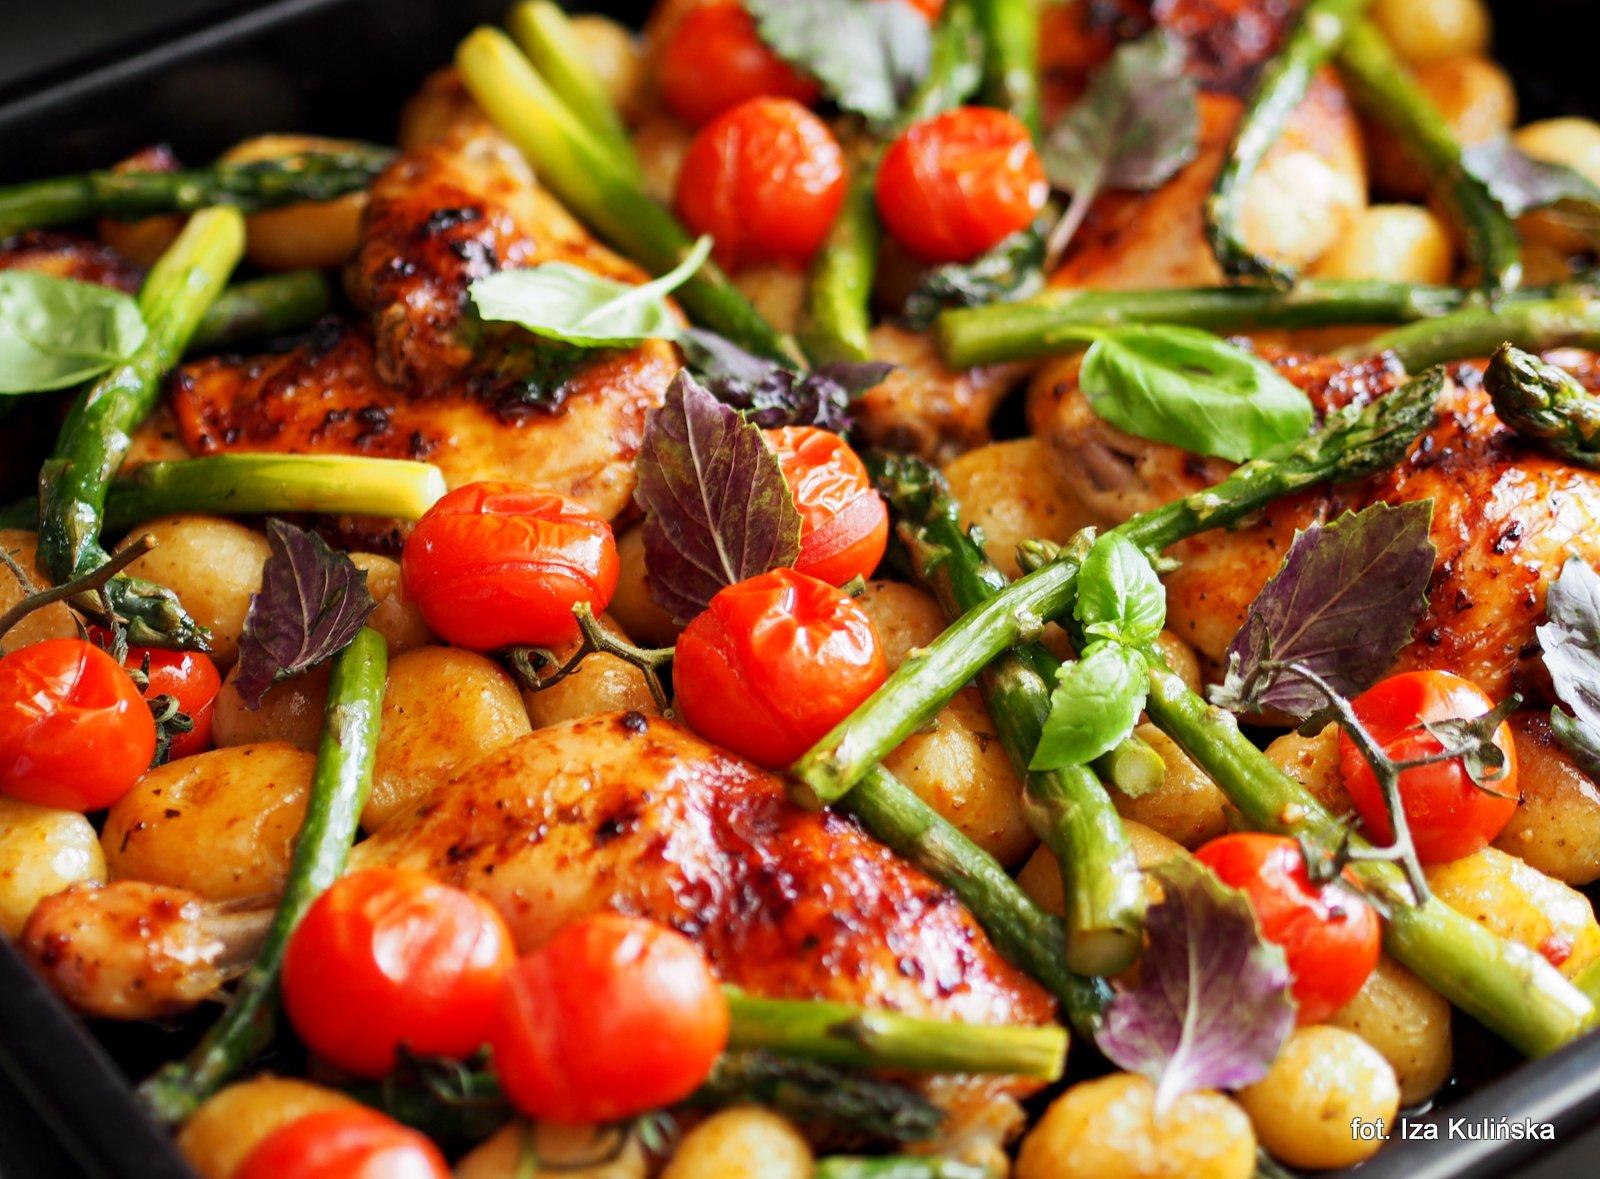 kurczak z warzywami, obiad pieczony, danie pieczone, pieczyste, warzywa pieczone, kurczak z piekarnika